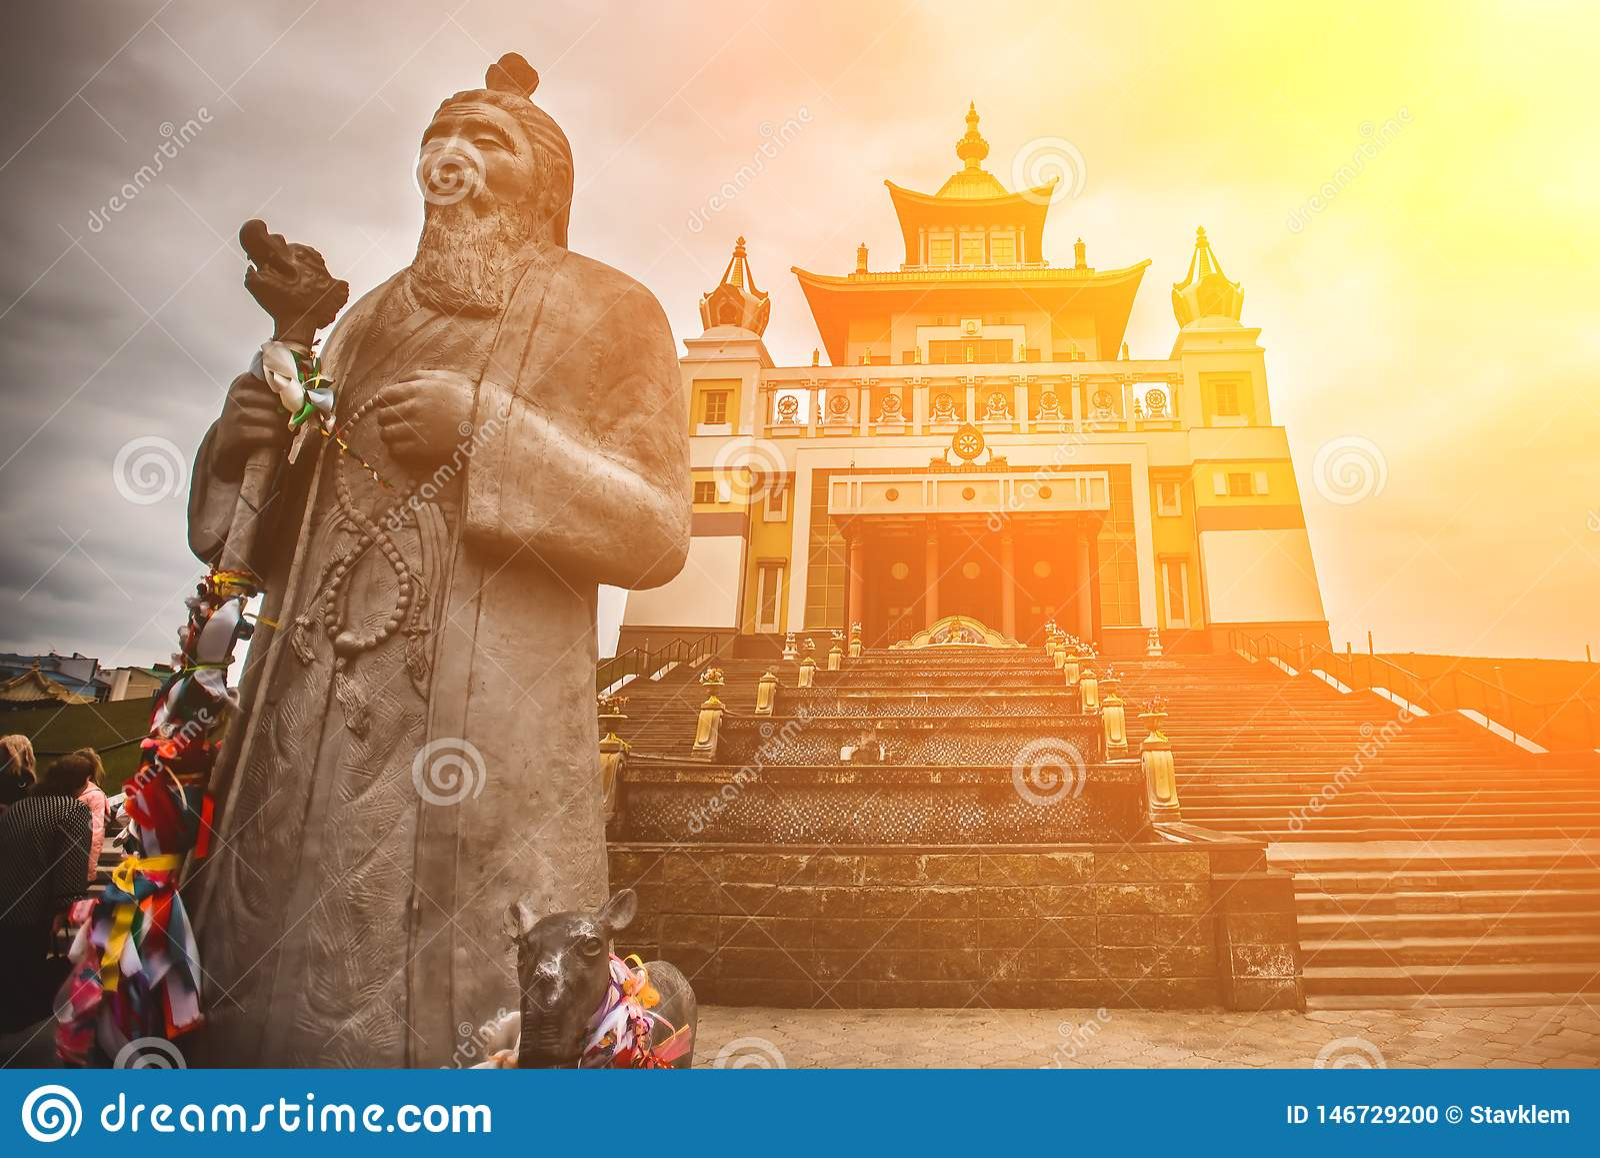 Foto do templo do bhuddhist - domicílio dourado do khurul da Buda Shakyamuni